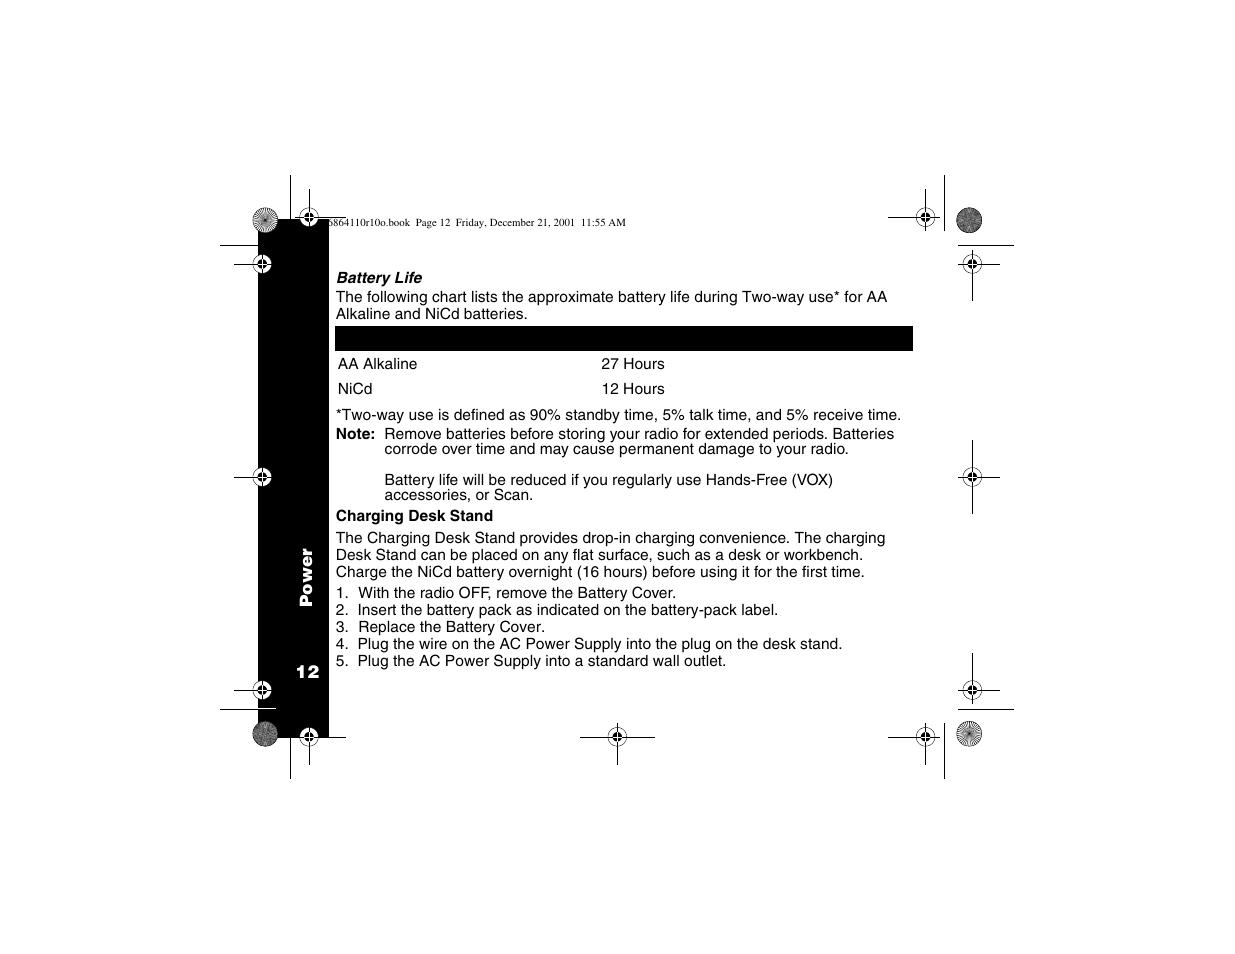 battery life charging desk stand motorola t5410 user manual rh manualsdir com motorola t5410 manual trouble shooting motorola t5410 manual pdf